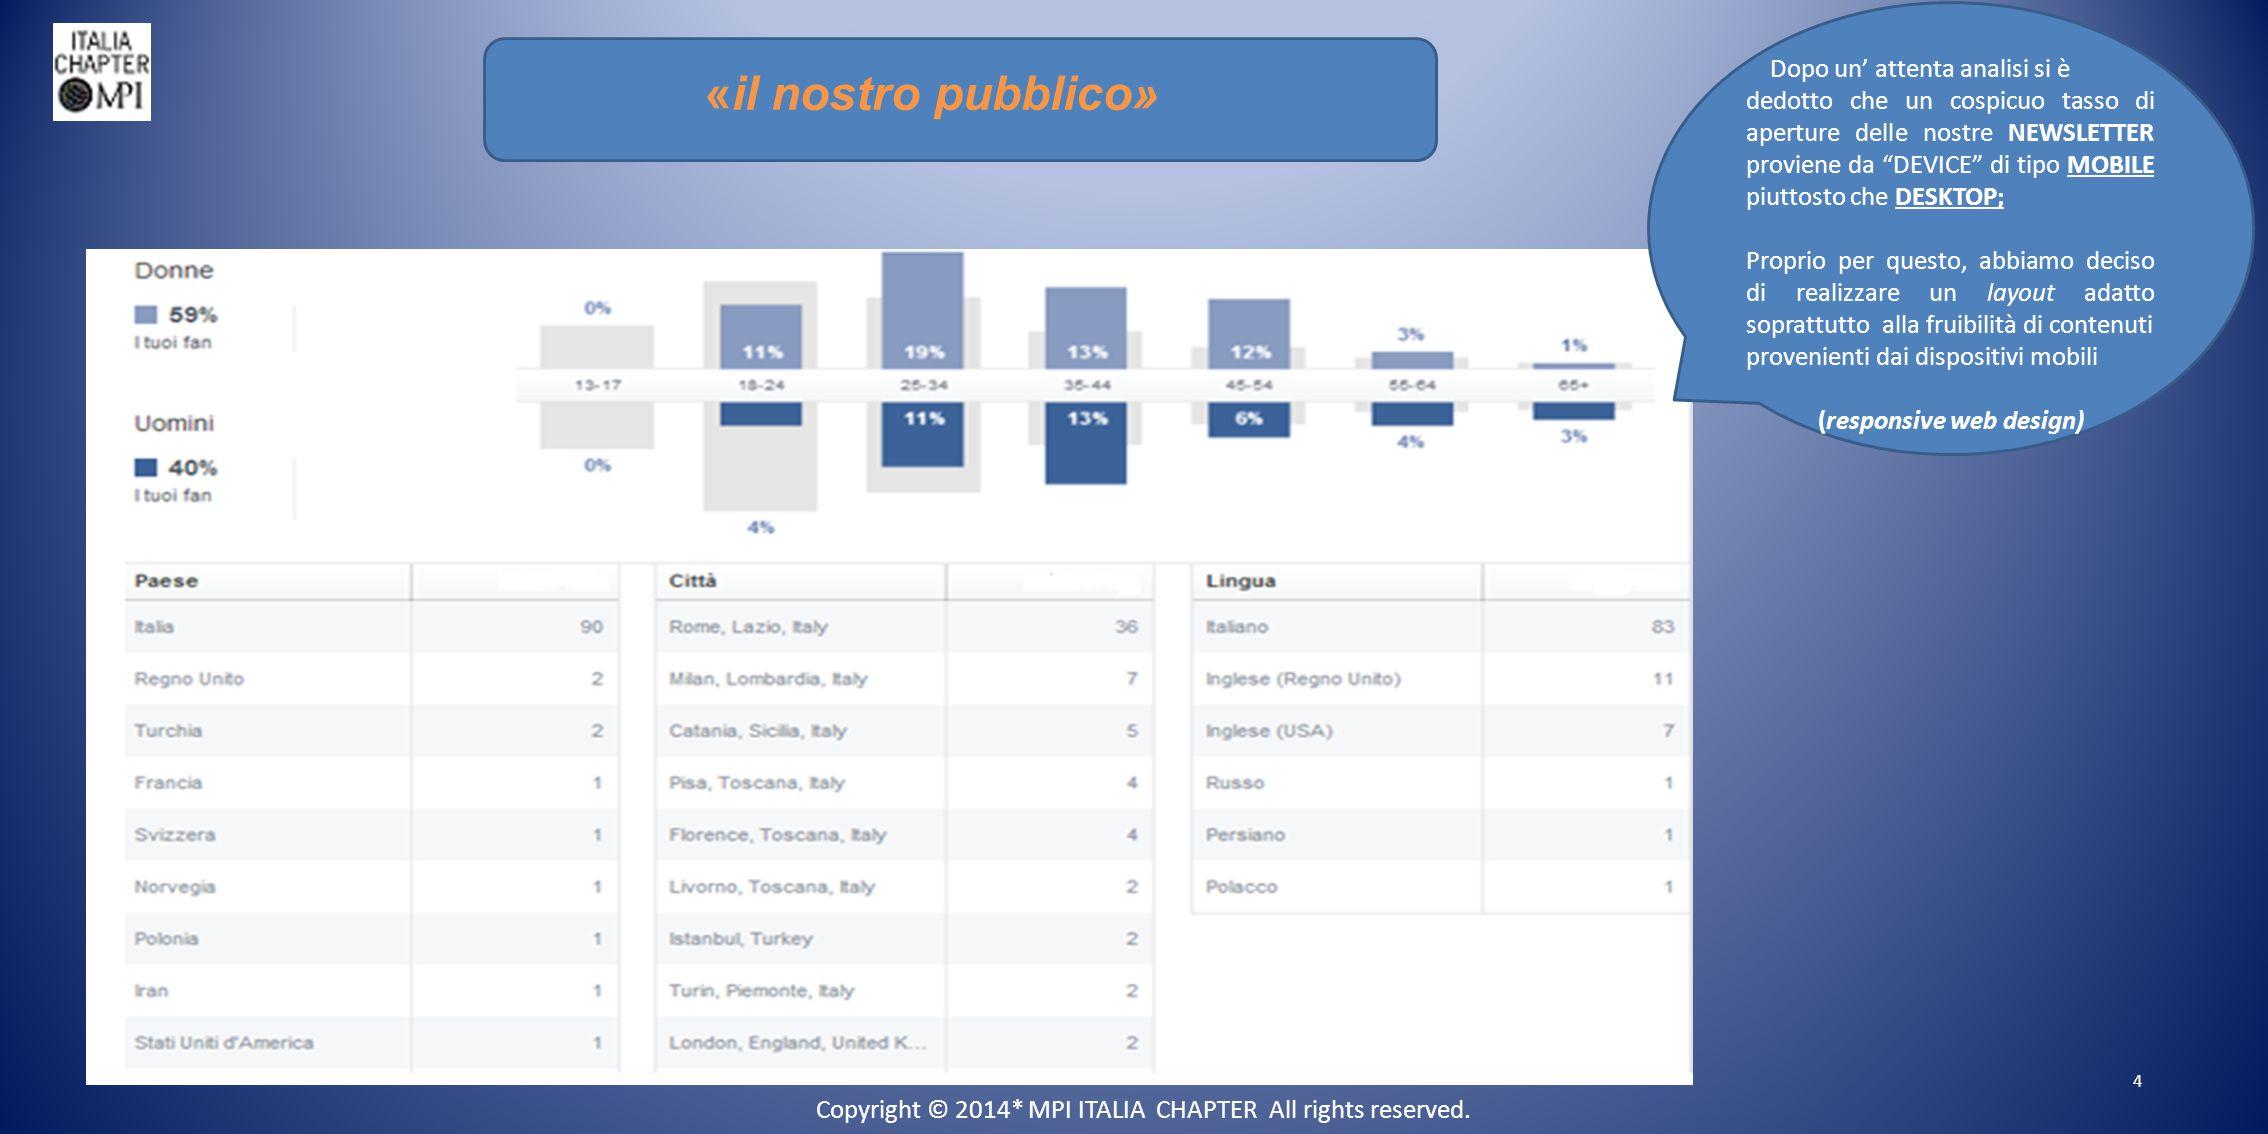 «il nostro pubblico» 4 Dopo un' attenta analisi si è dedotto che un cospicuo tasso di aperture delle nostre NEWSLETTER proviene da DEVICE di tipo MOBILE piuttosto che DESKTOP; Proprio per questo, abbiamo deciso di realizzare un layout adatto soprattutto alla fruibilità di contenuti provenienti dai dispositivi mobili (responsive web design) Copyright © 2014* MPI ITALIA CHAPTER All rights reserved.